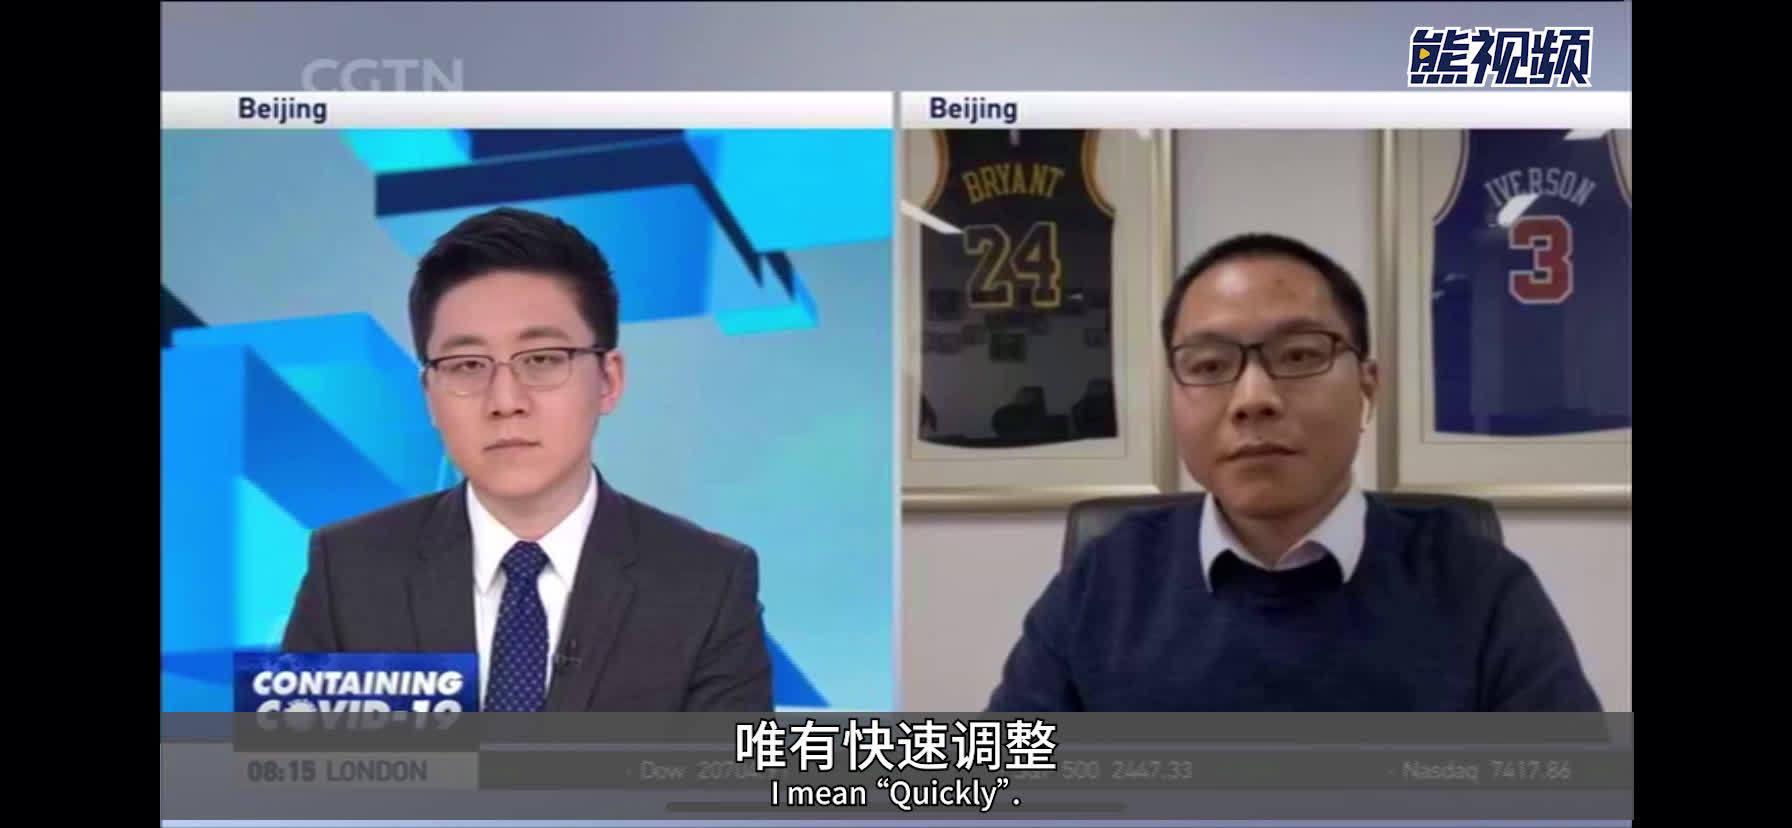 懒熊体育联合创始人@黎双富 接受央视CGTN视频直播连线英文采访